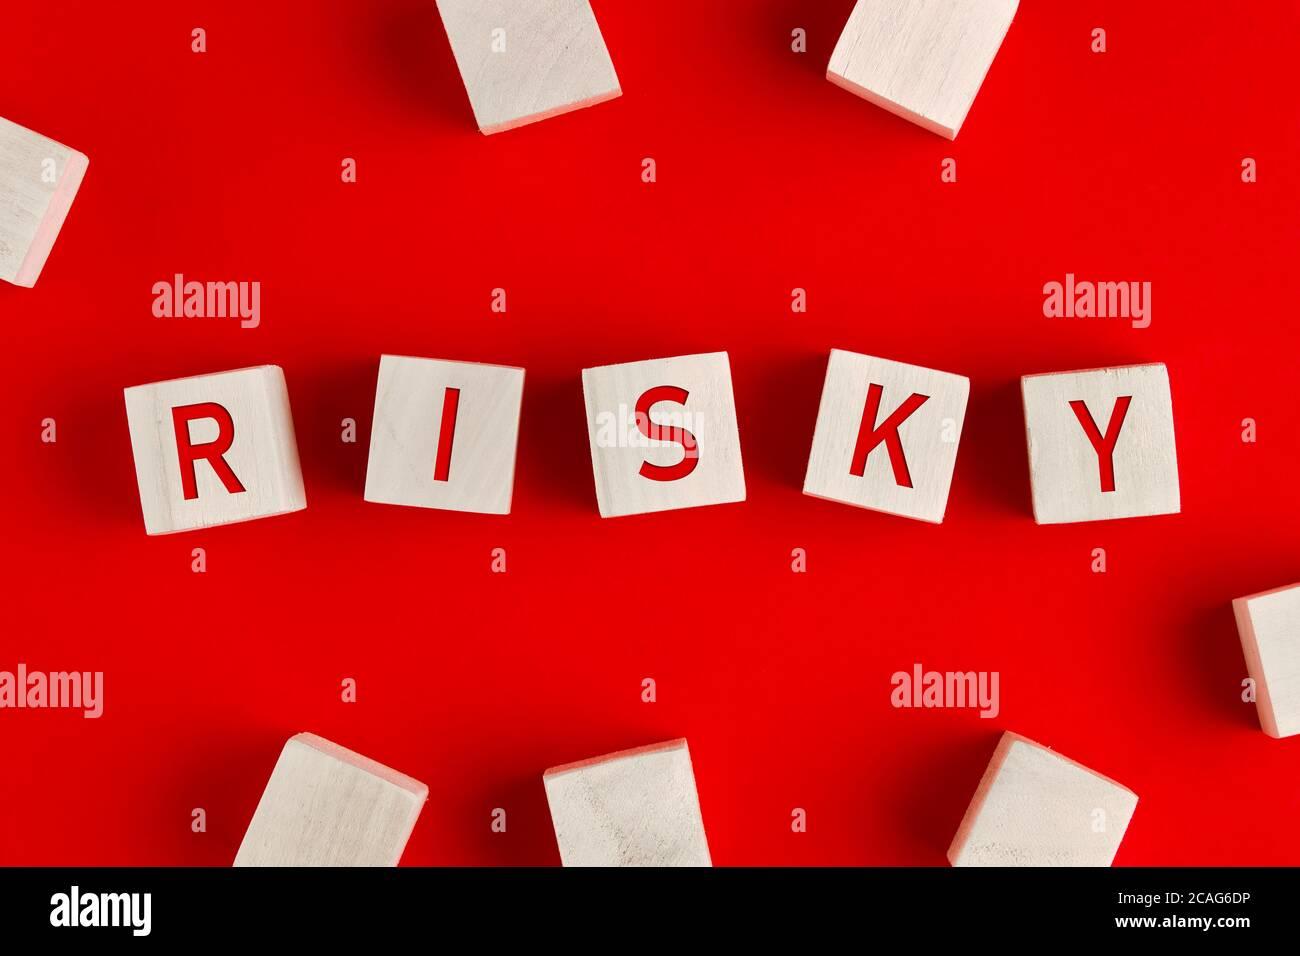 La palabra arriesgada escrita sobre bloques de madera sobre fondo rojo. Concepto de gestión de riesgos o evaluación y toma de decisiones en un negocio incierto envir Foto de stock